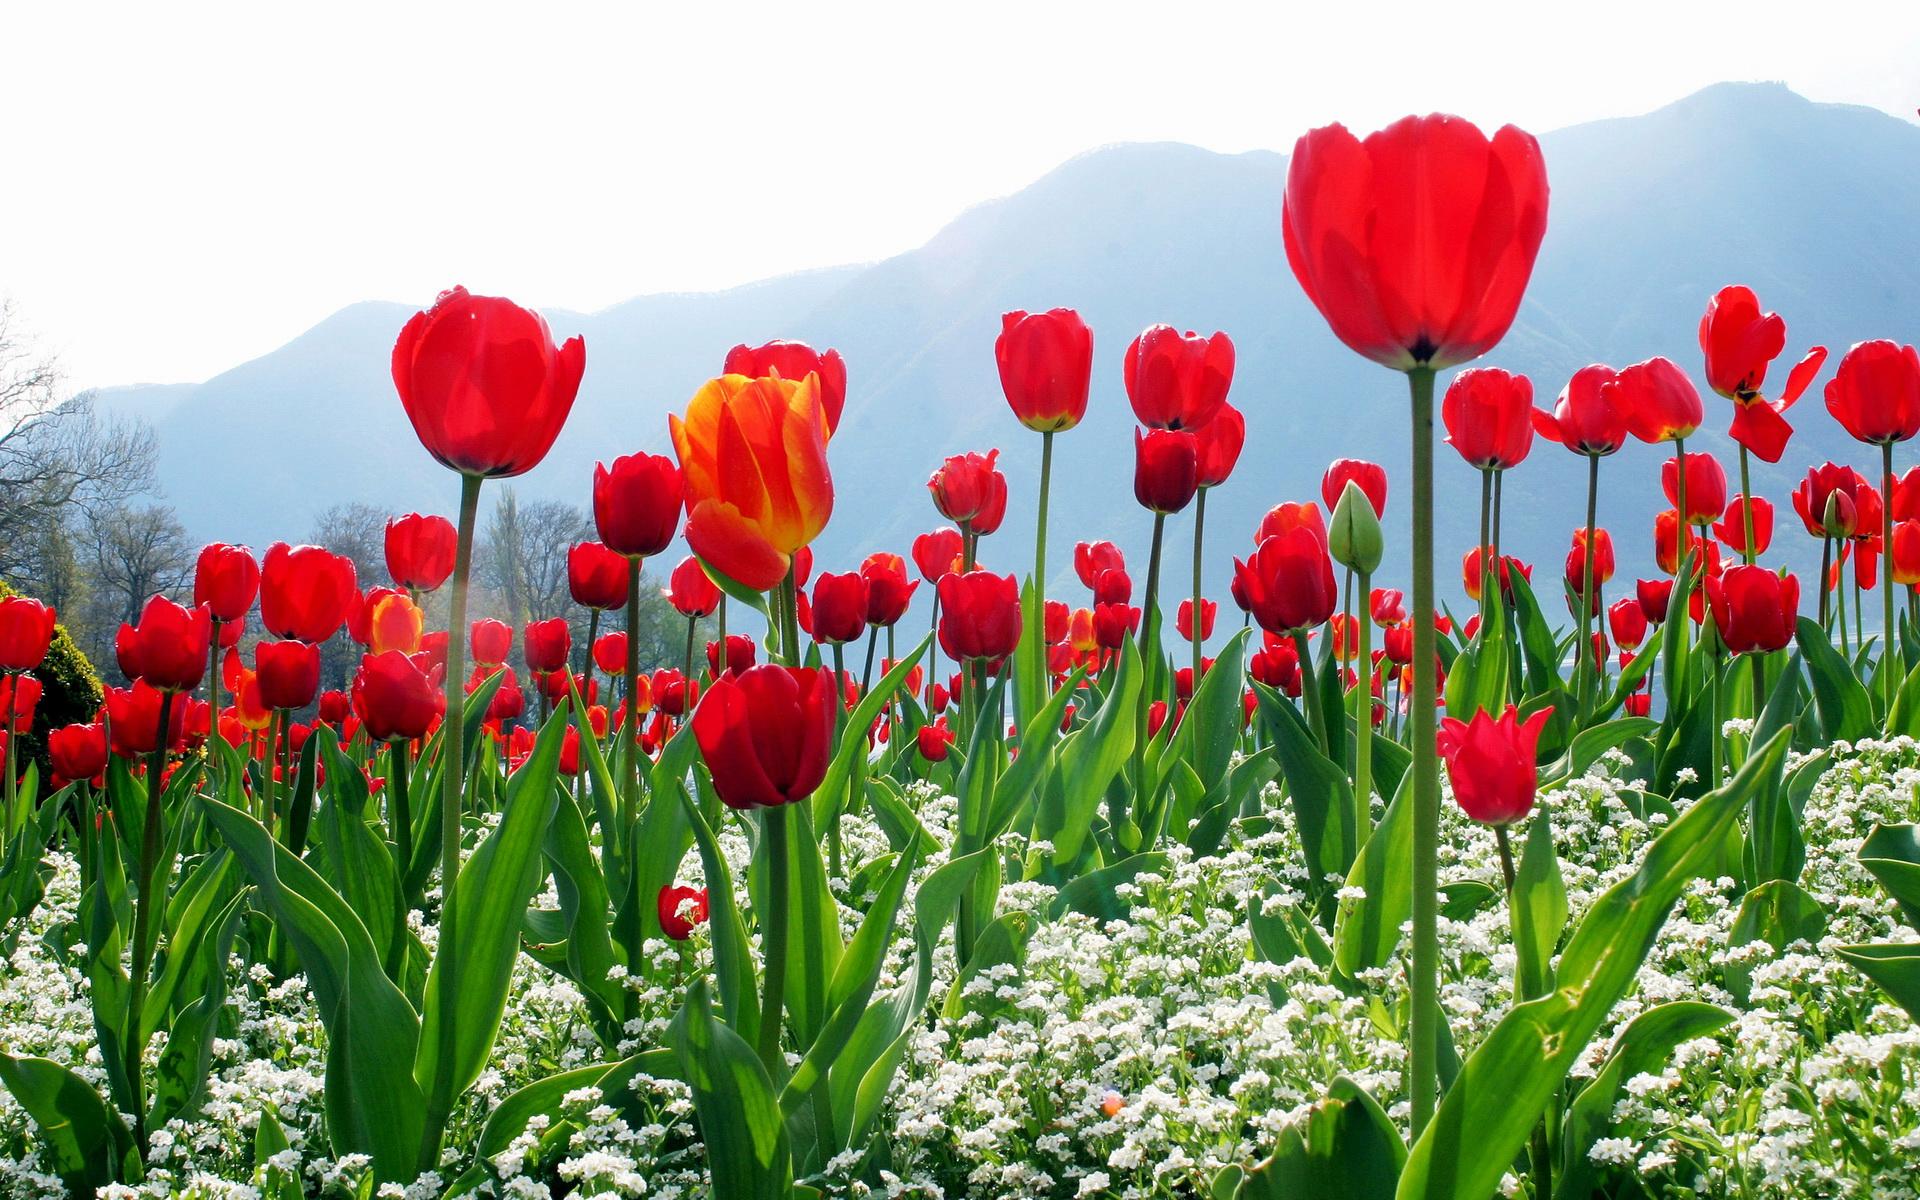 Тюльпаны среди деревьев без смс